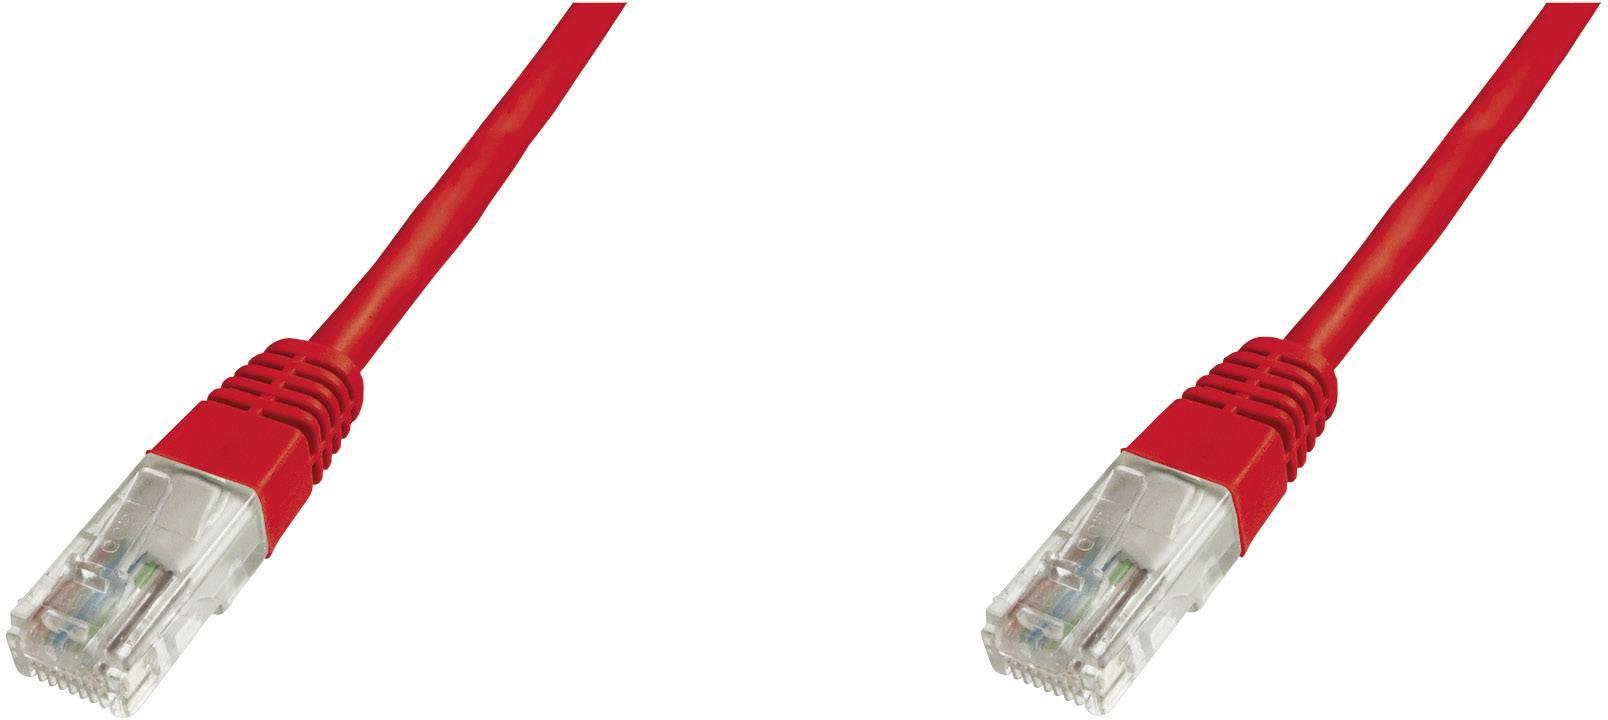 Síťový kabel RJ45 Digitus DK-1511-010/R, CAT 5e, U/UTP, 1 m, červená